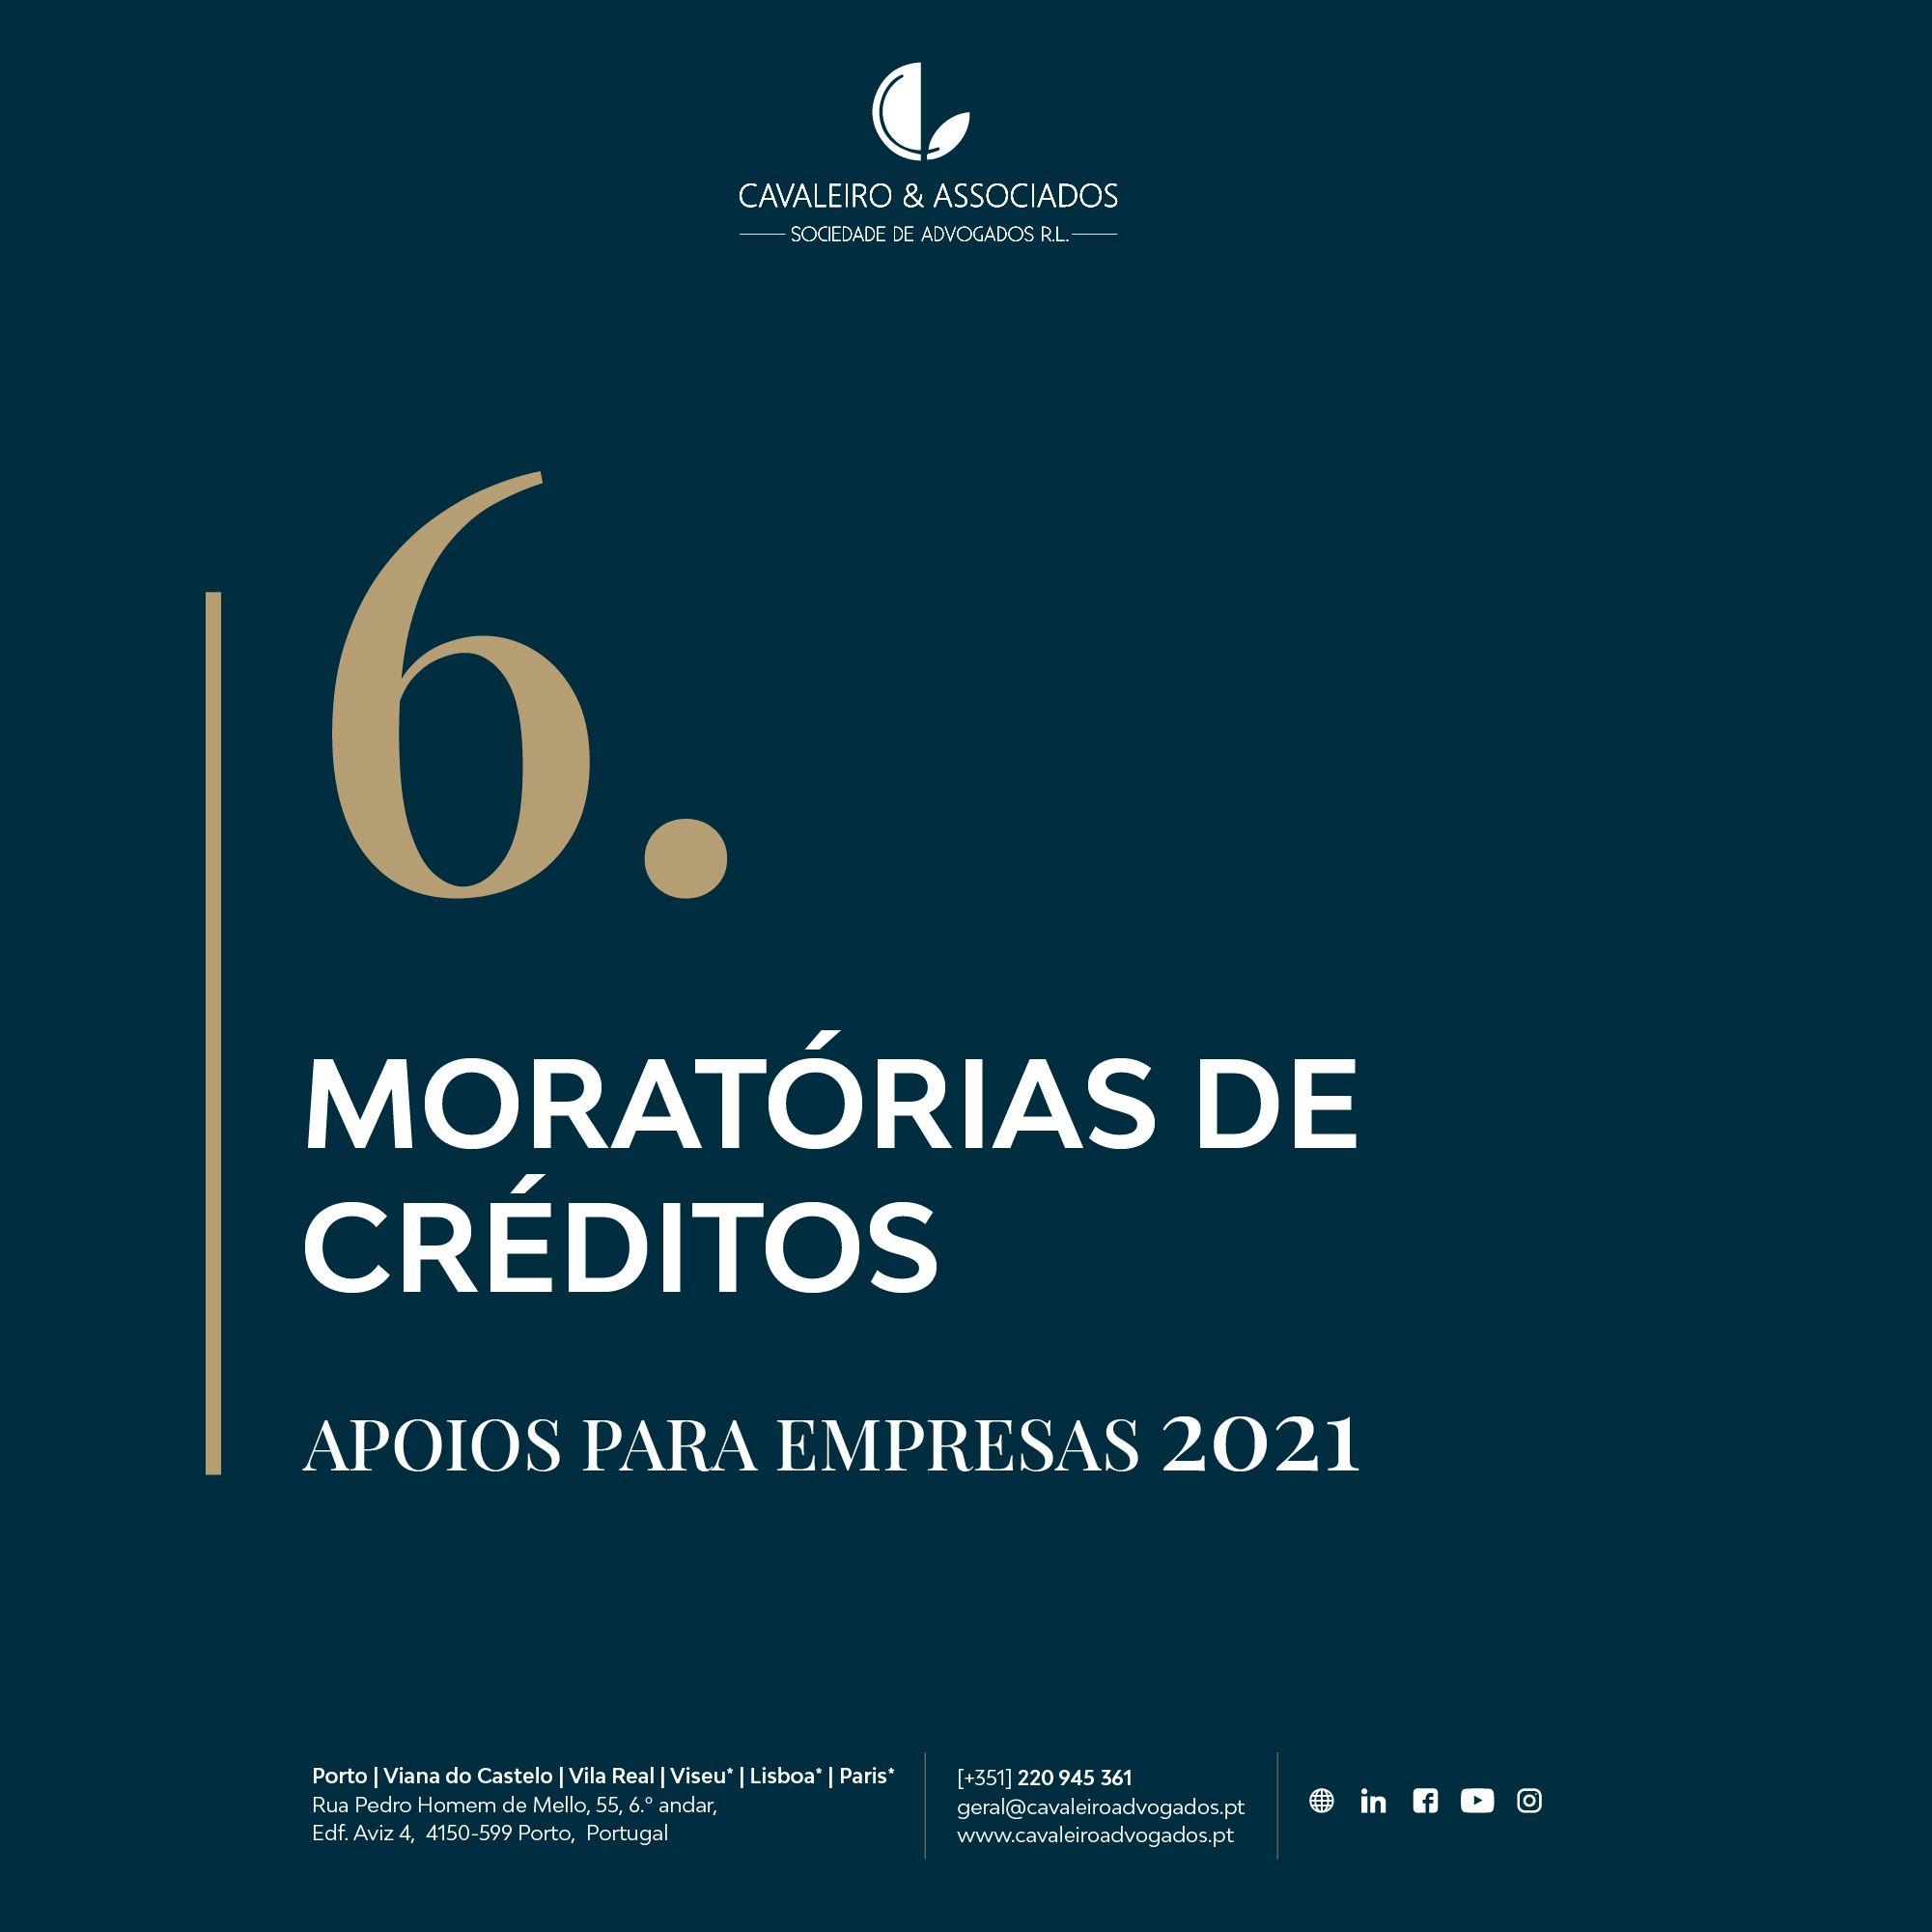 6. MORATÓRIAS DE CRÉDITOS I APOIOS PARA EMPRESAS 2021